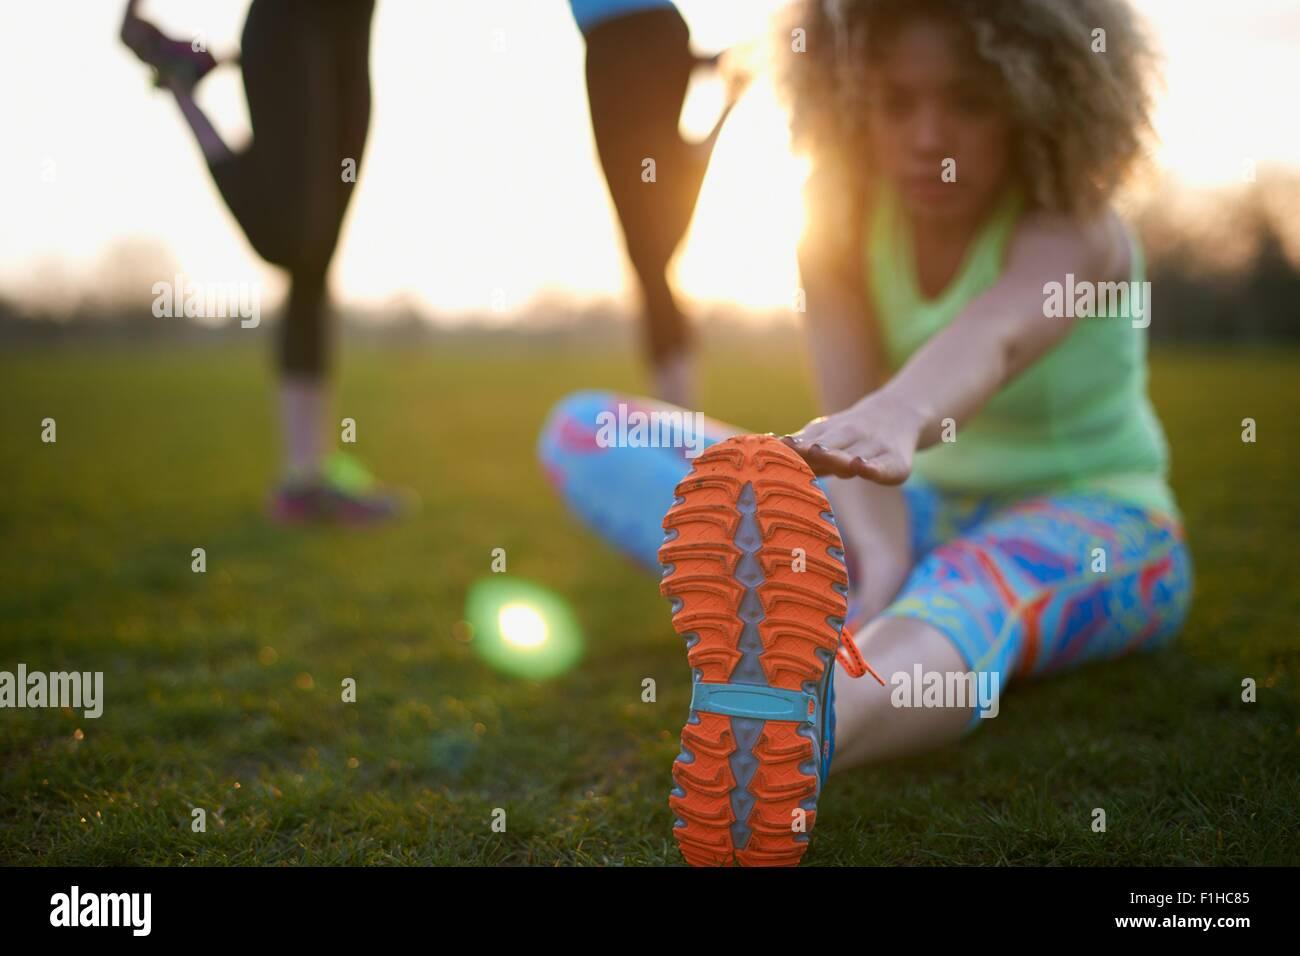 Portrait de femme les étirements avant l'exercice dans park Photo Stock